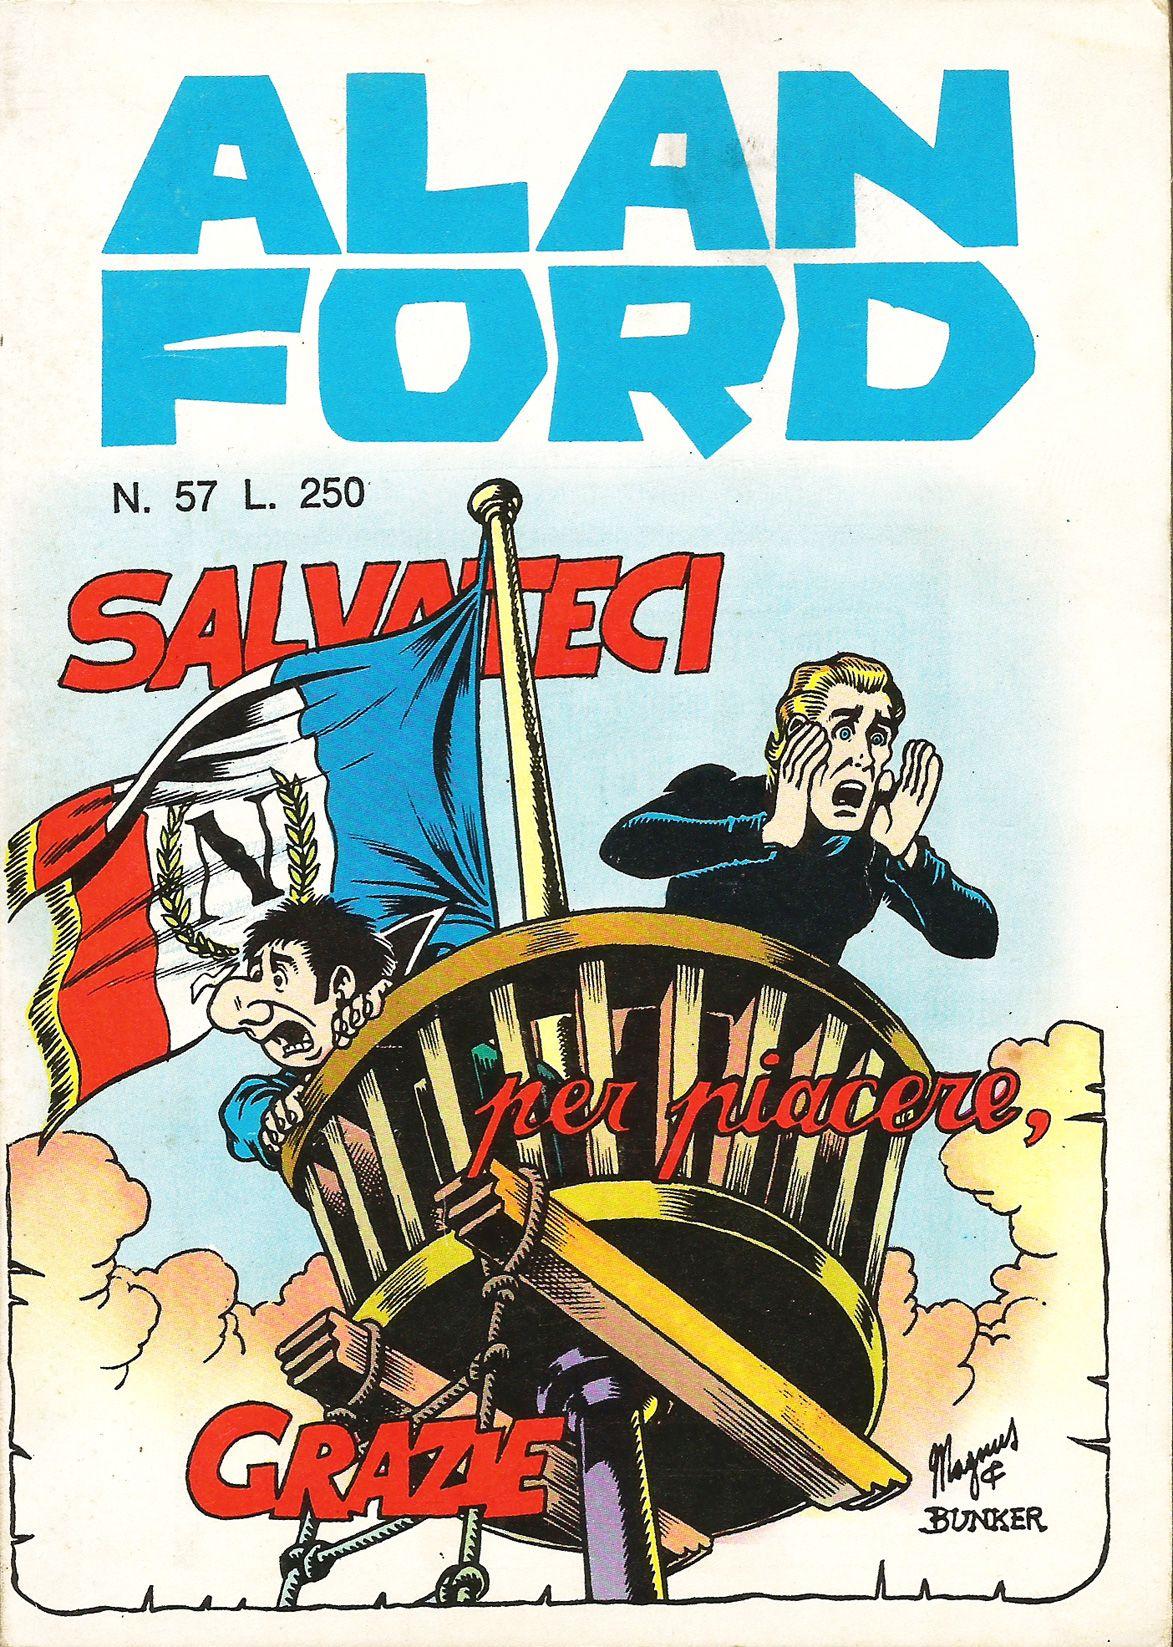 Alan ford gruppo t n t ubc enciclopedia online del fumetto - Alan Ford N 57 Salvateci Per Piacere Grazie Di Magnus